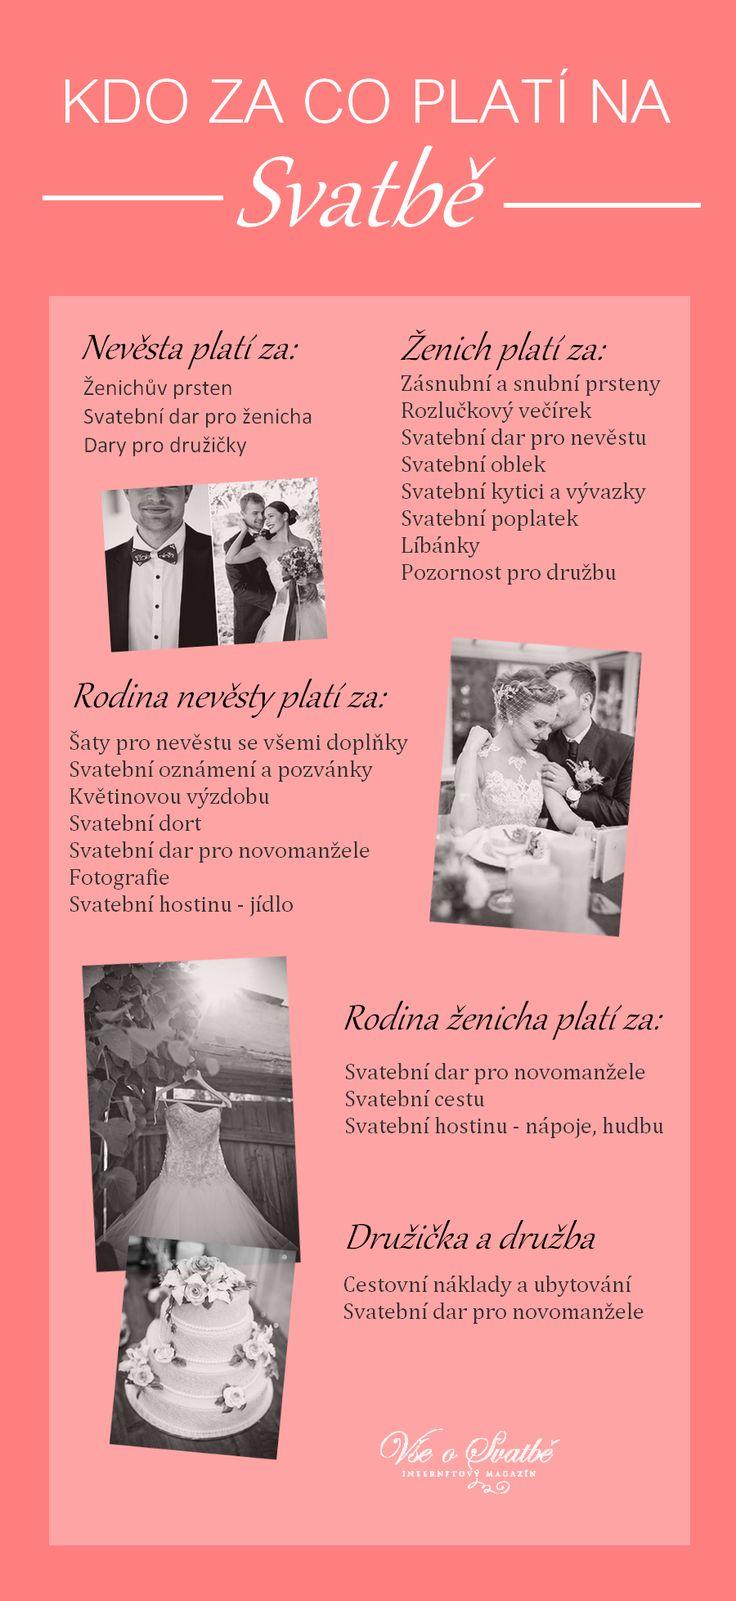 Kdo za co platí na svatbě? Organizace svatby. #svatba #wedding